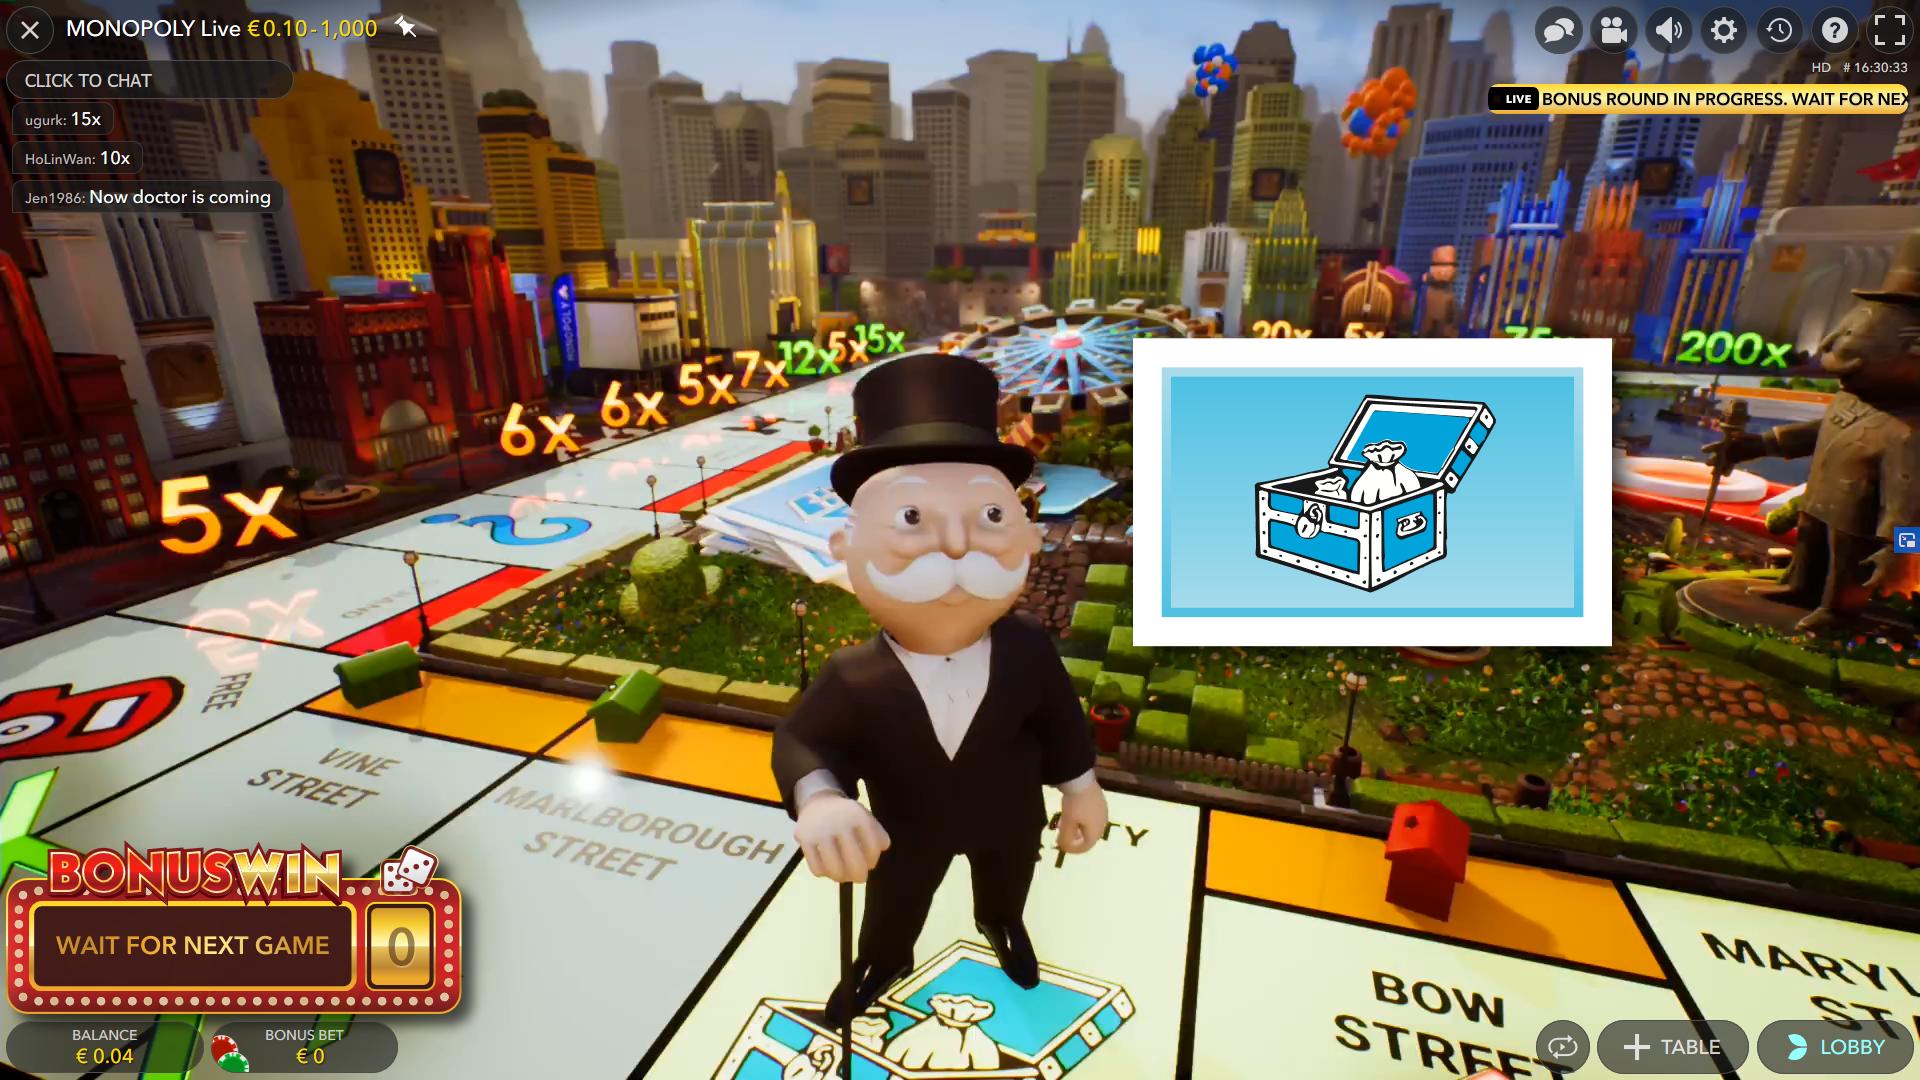 putaran bonus monopoli - mr komunitas monopoli - peluang hidup monopoli